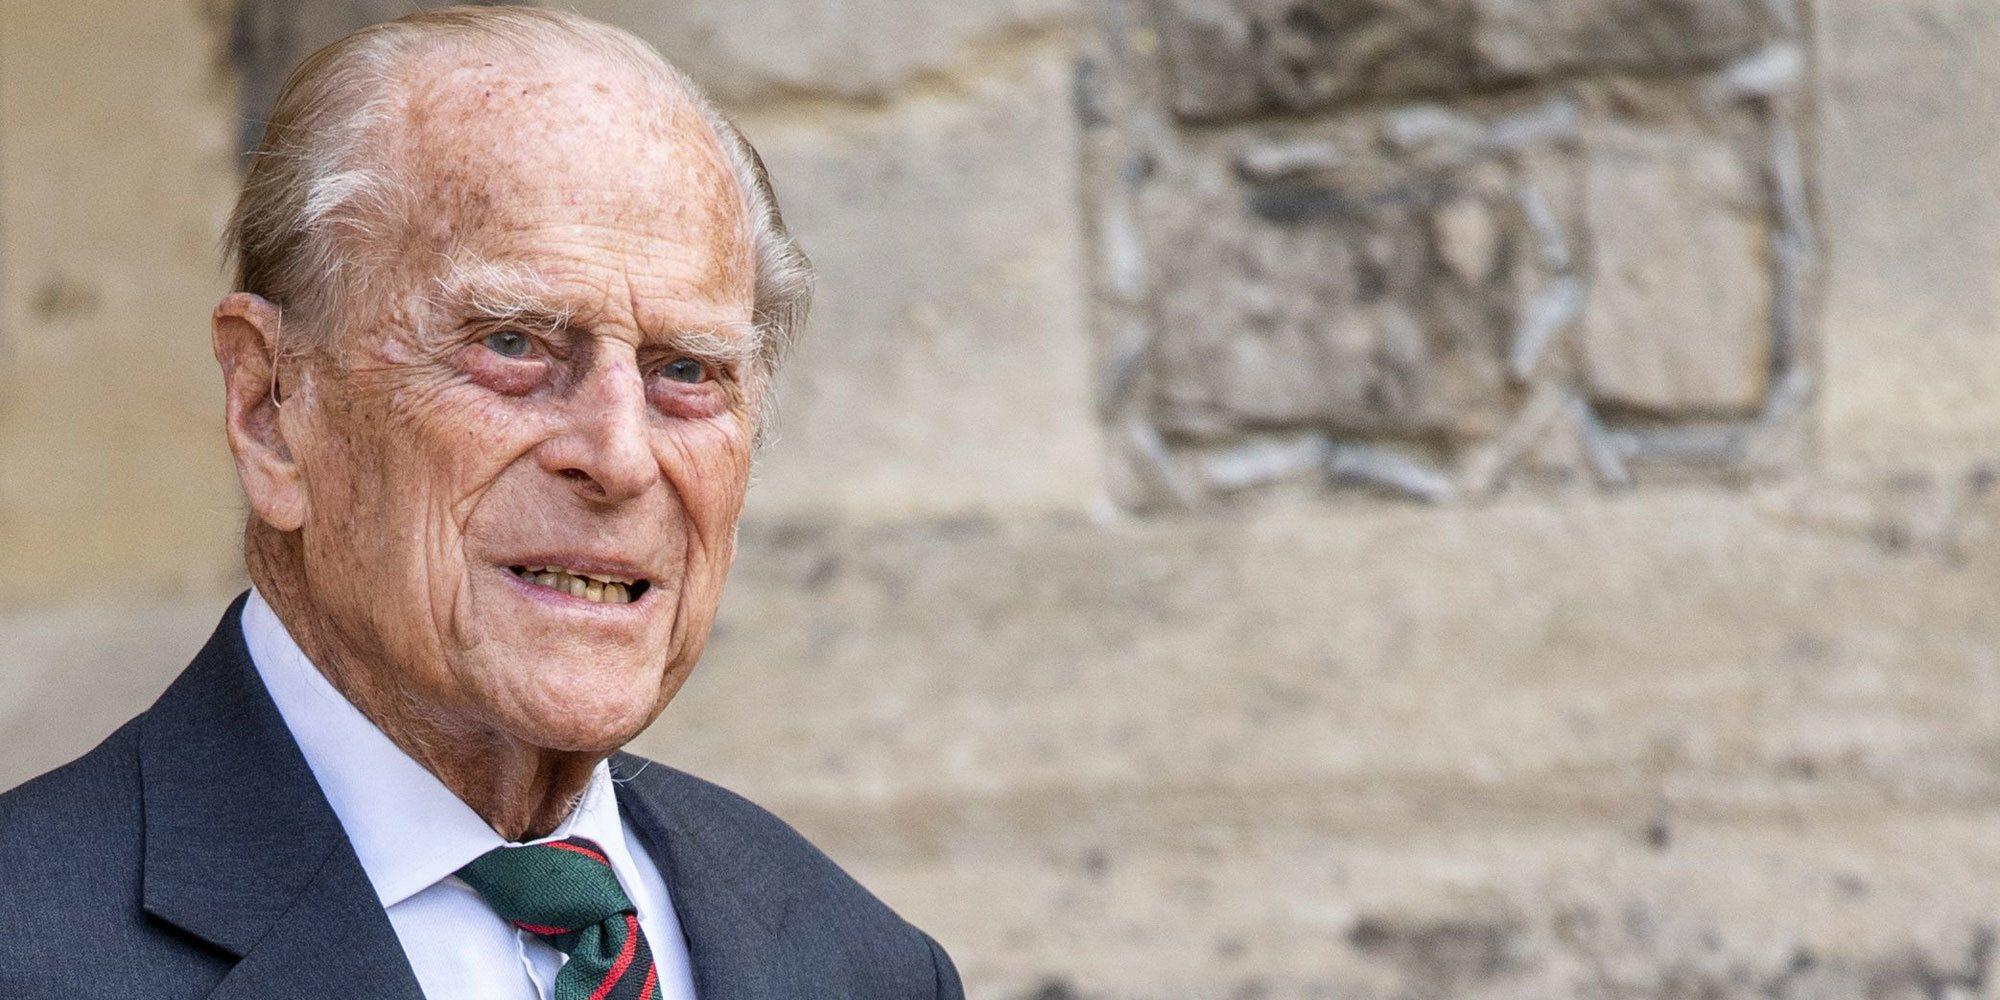 El final de la larga vida del Duque de Edimburgo: confinamiento, reencuentro, una boda y una cálida despedida